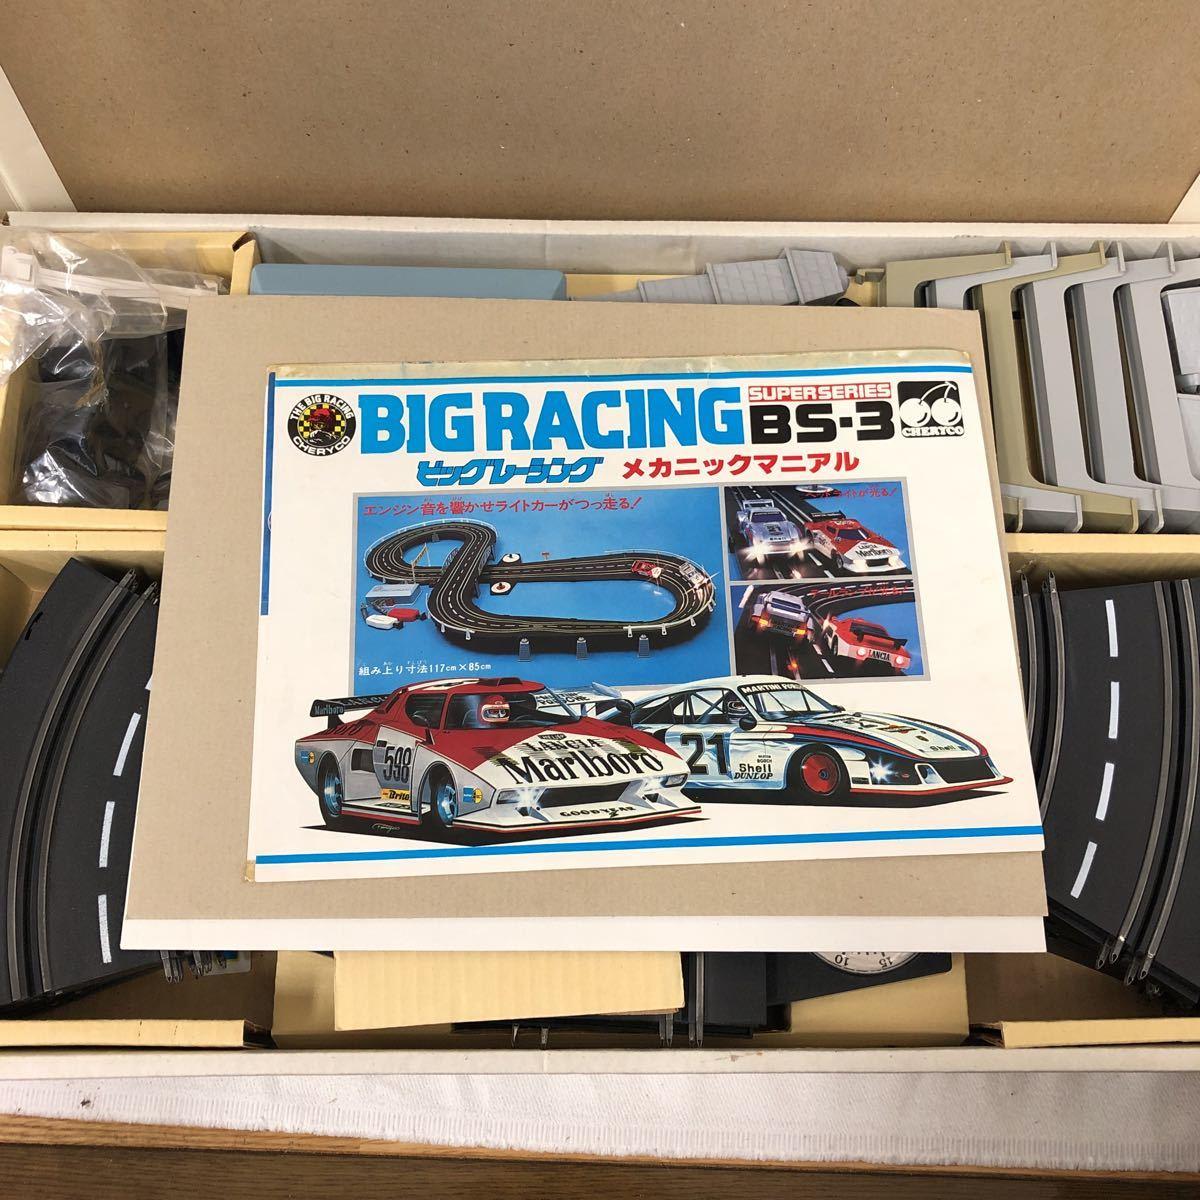 BIG RACING SUPERSERIES BS-3 ライト アンド サウンド CHERYCO ビッグレーシング ランチャストラトス ポルシェ935ターボ レトロ コレクター_画像2